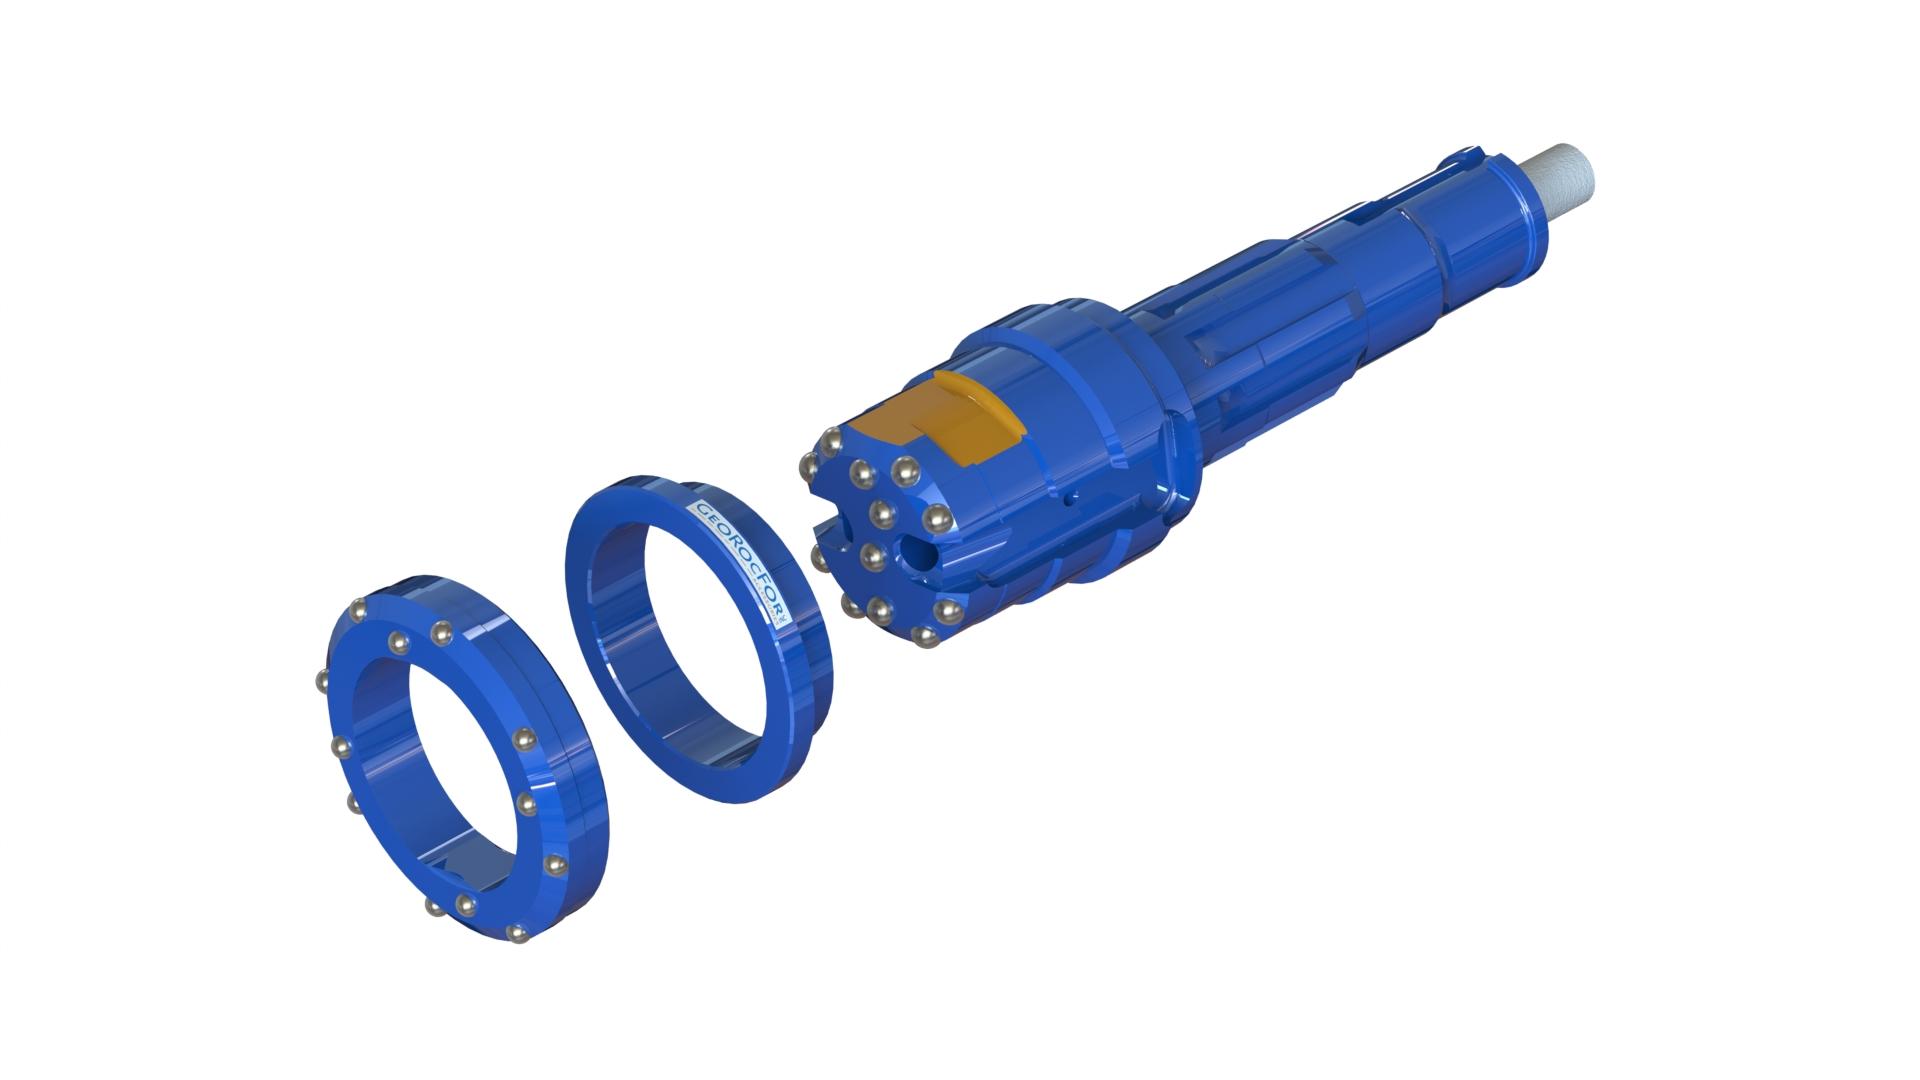 Xs F 6,000″-C / 152.4mm -C